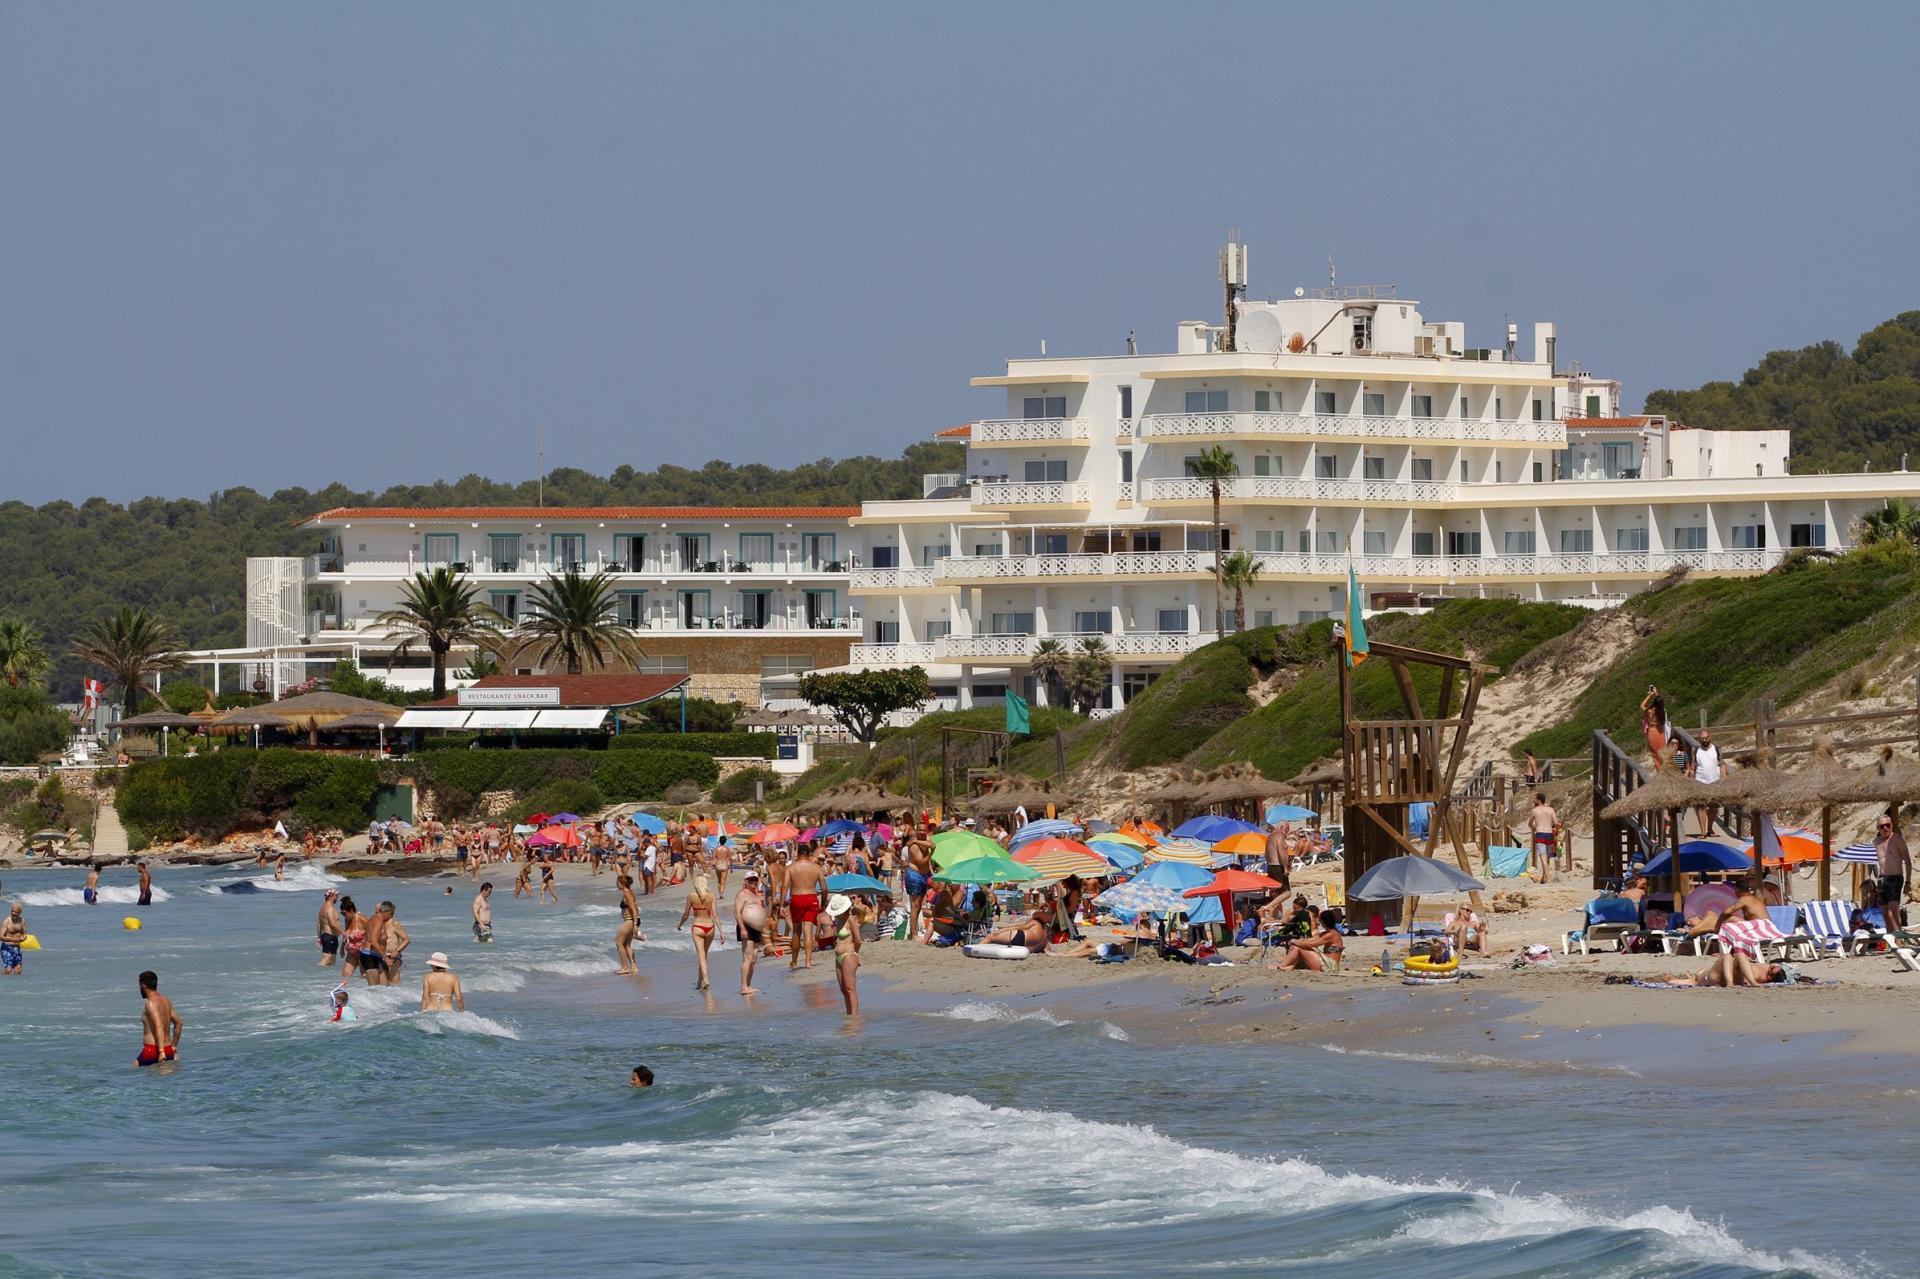 ES MIGJORN. HOTELES . Un 95 por ciento de los hoteles de la Isla están abiertos en pleno verano.